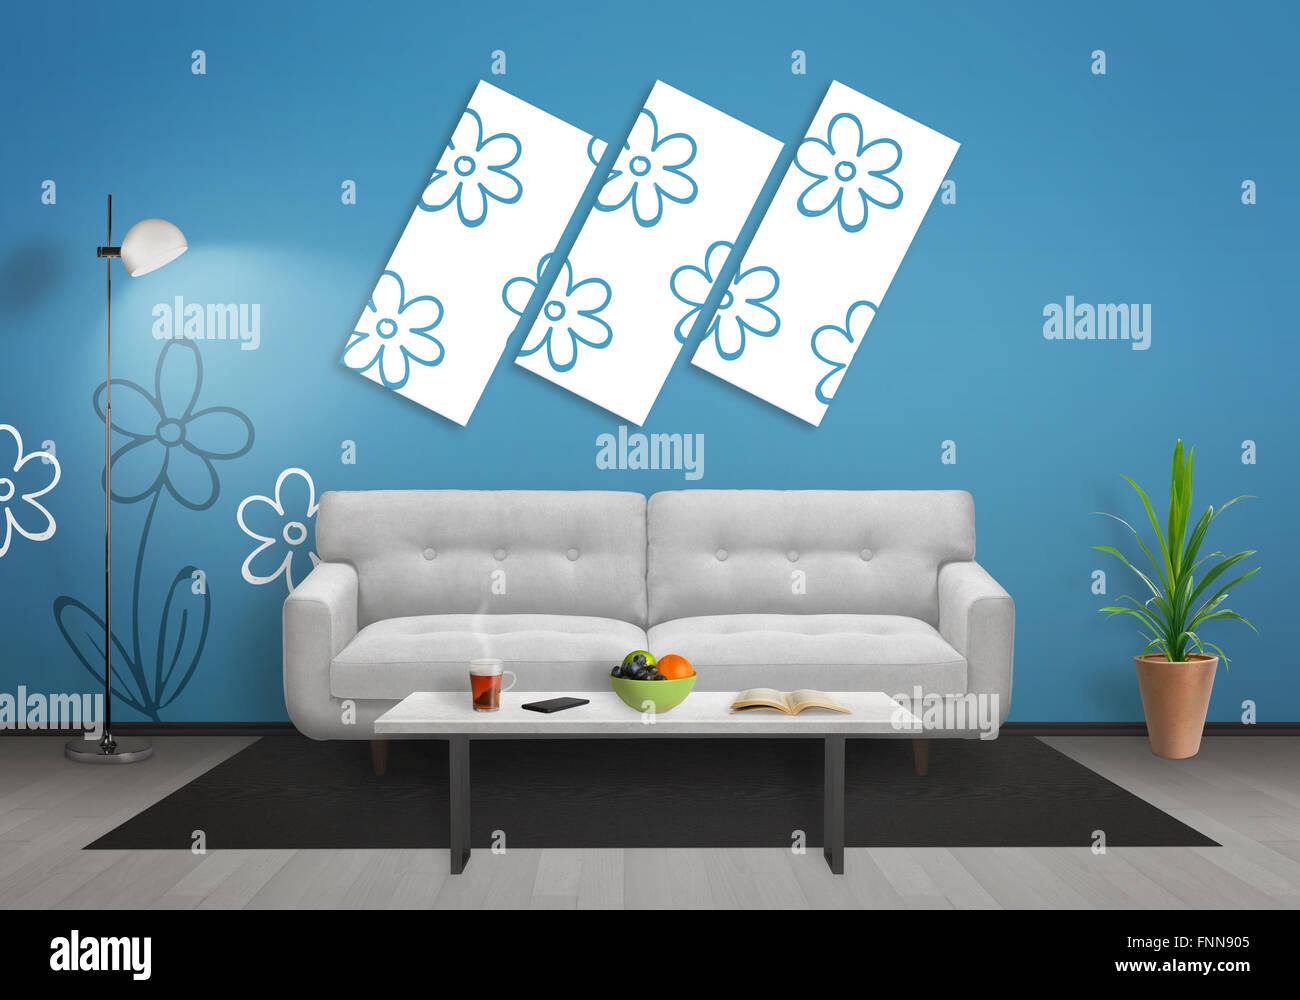 Blumen Auf Leinwand Im Wohnzimmer Blaue Wand Mit Blume Tapete Und